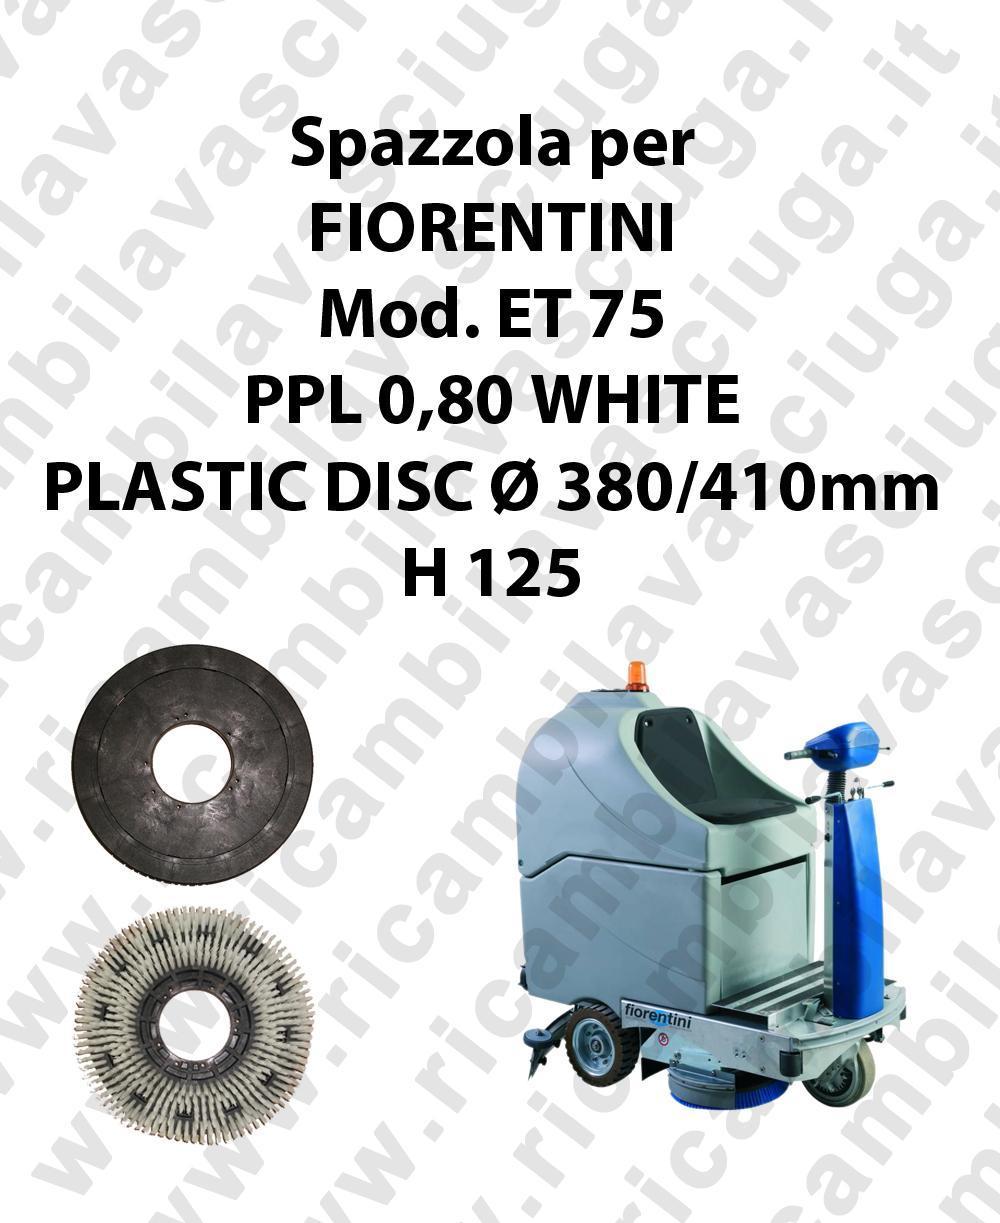 Cleaning Brush PPL 0,80 WHITE for scrubber dryer FIORENTINI Model ET 75